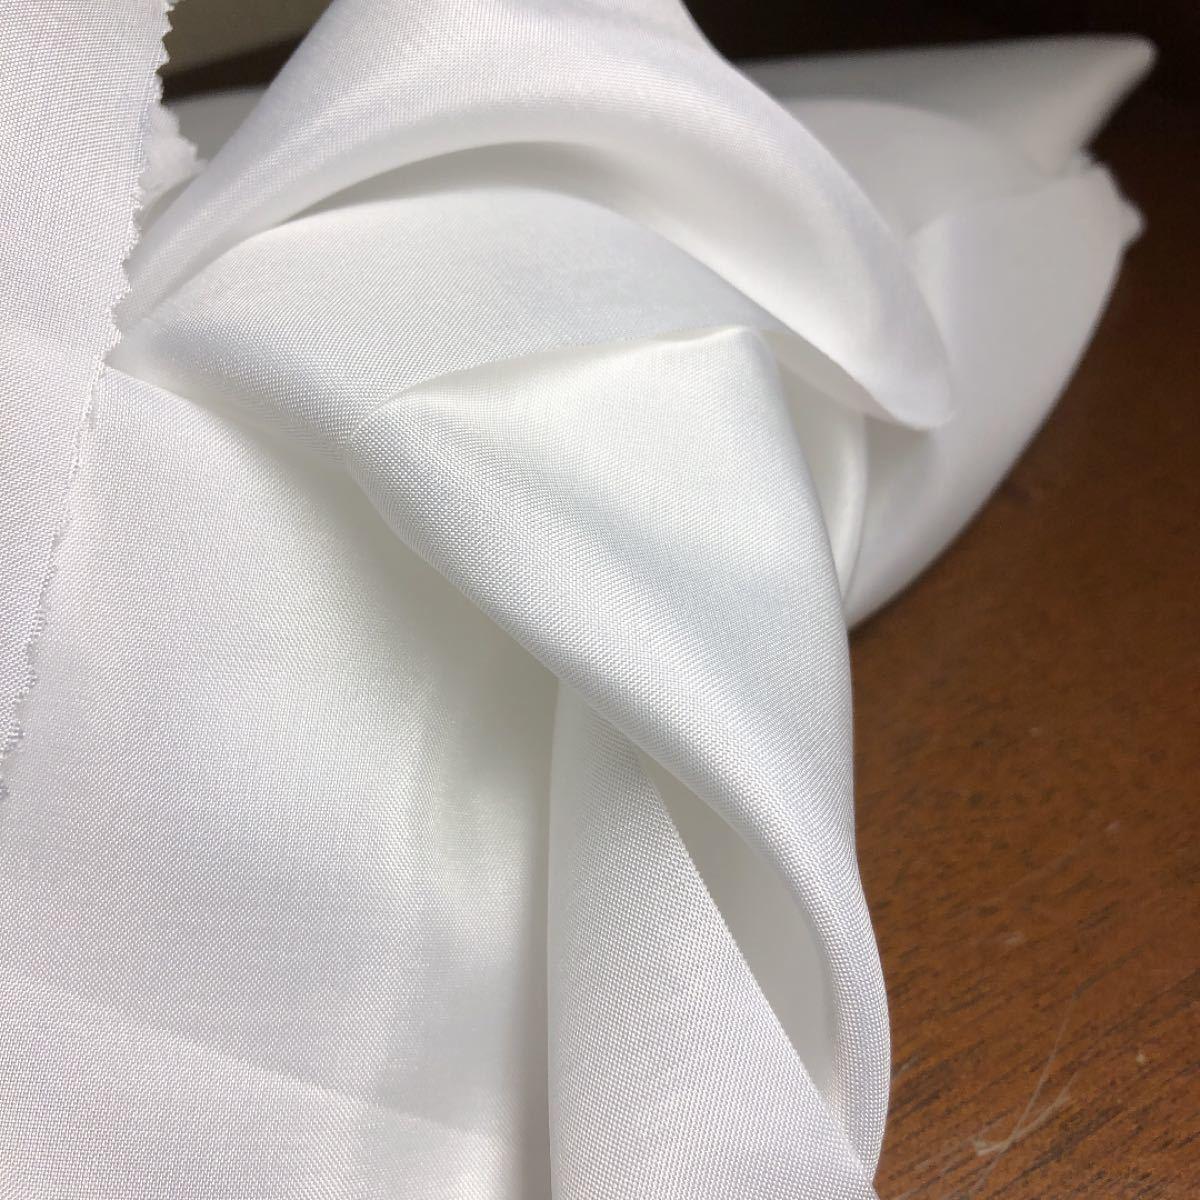 着物の裏地?長襦袢?反物 無地 白生地 純白 裏地素材として ハンドメイド素材 化繊 つまみ細工等素材に